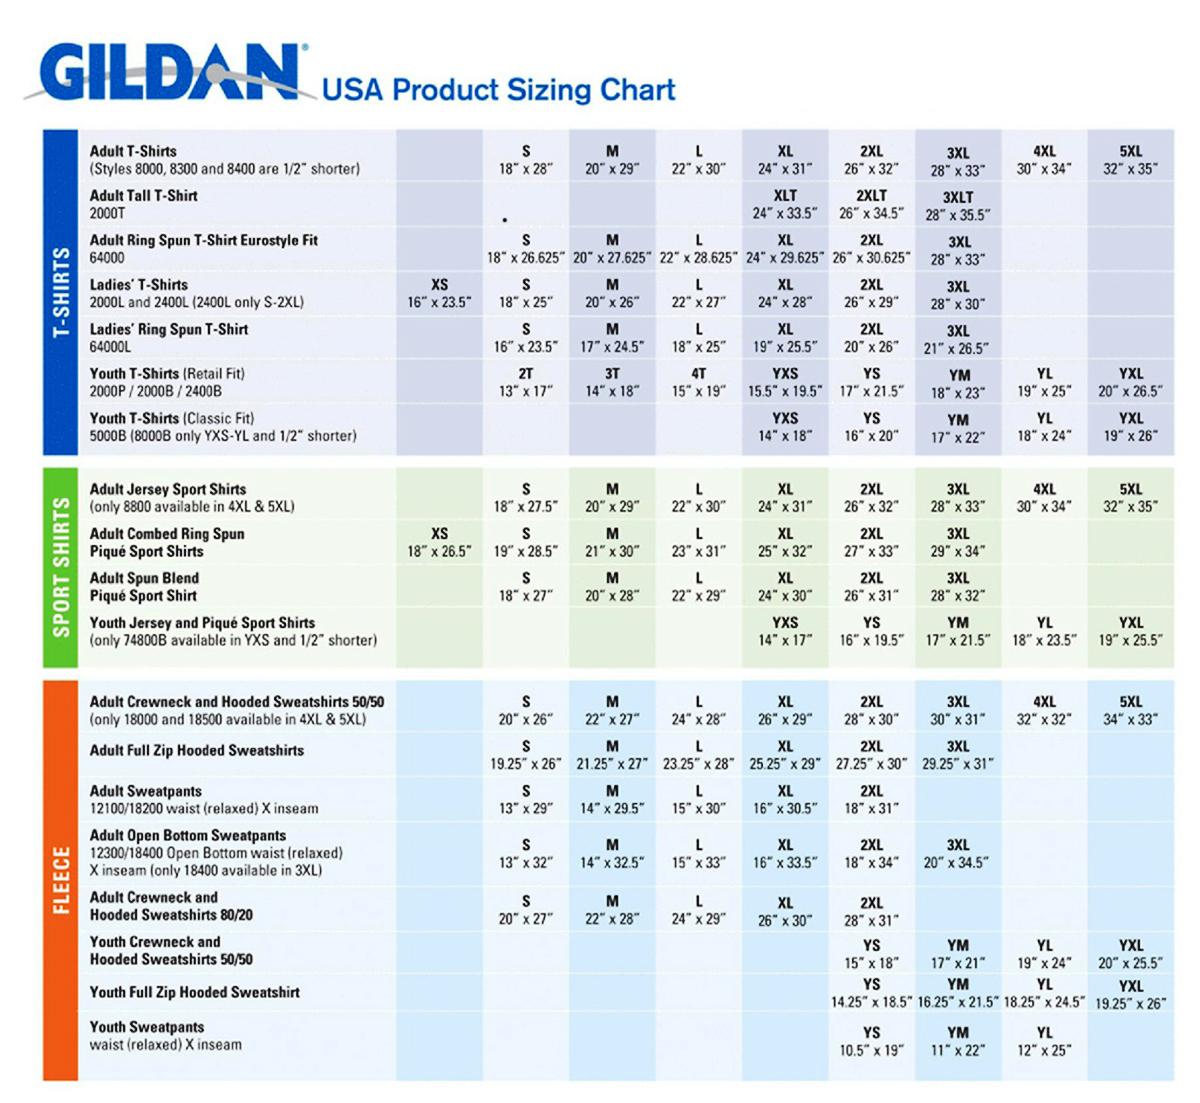 Gildan sizing chart